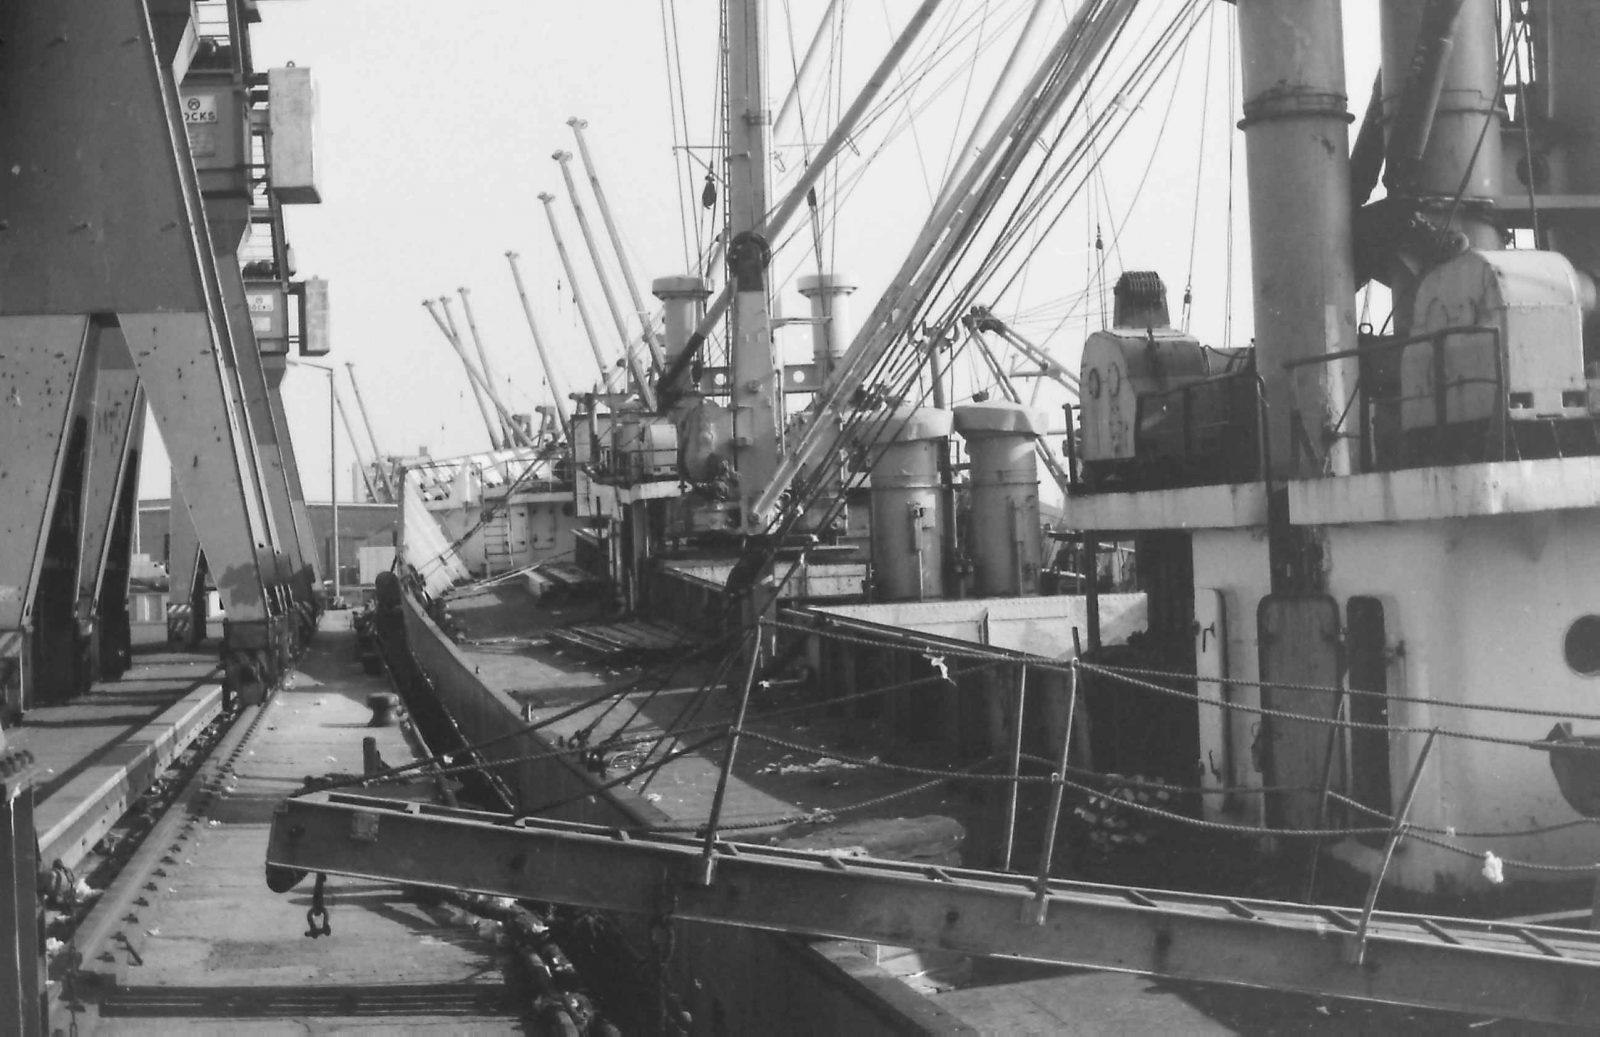 Bilder aus der Seefahrt